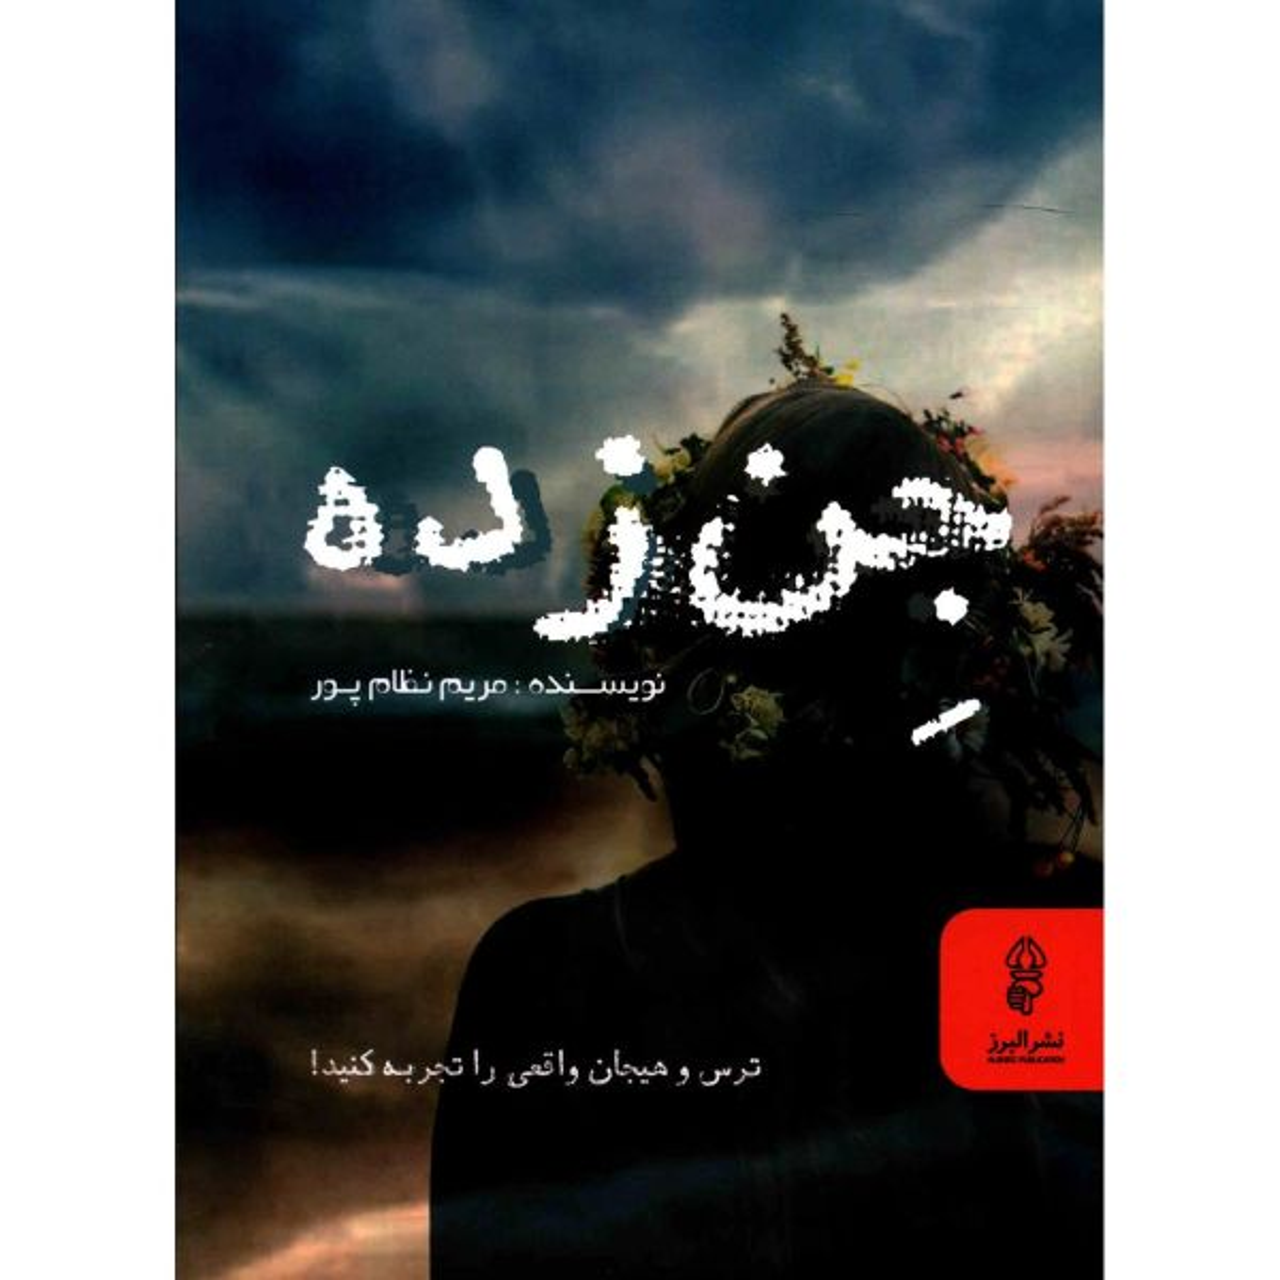 کتاب جن زده اثر مریم نظام پور